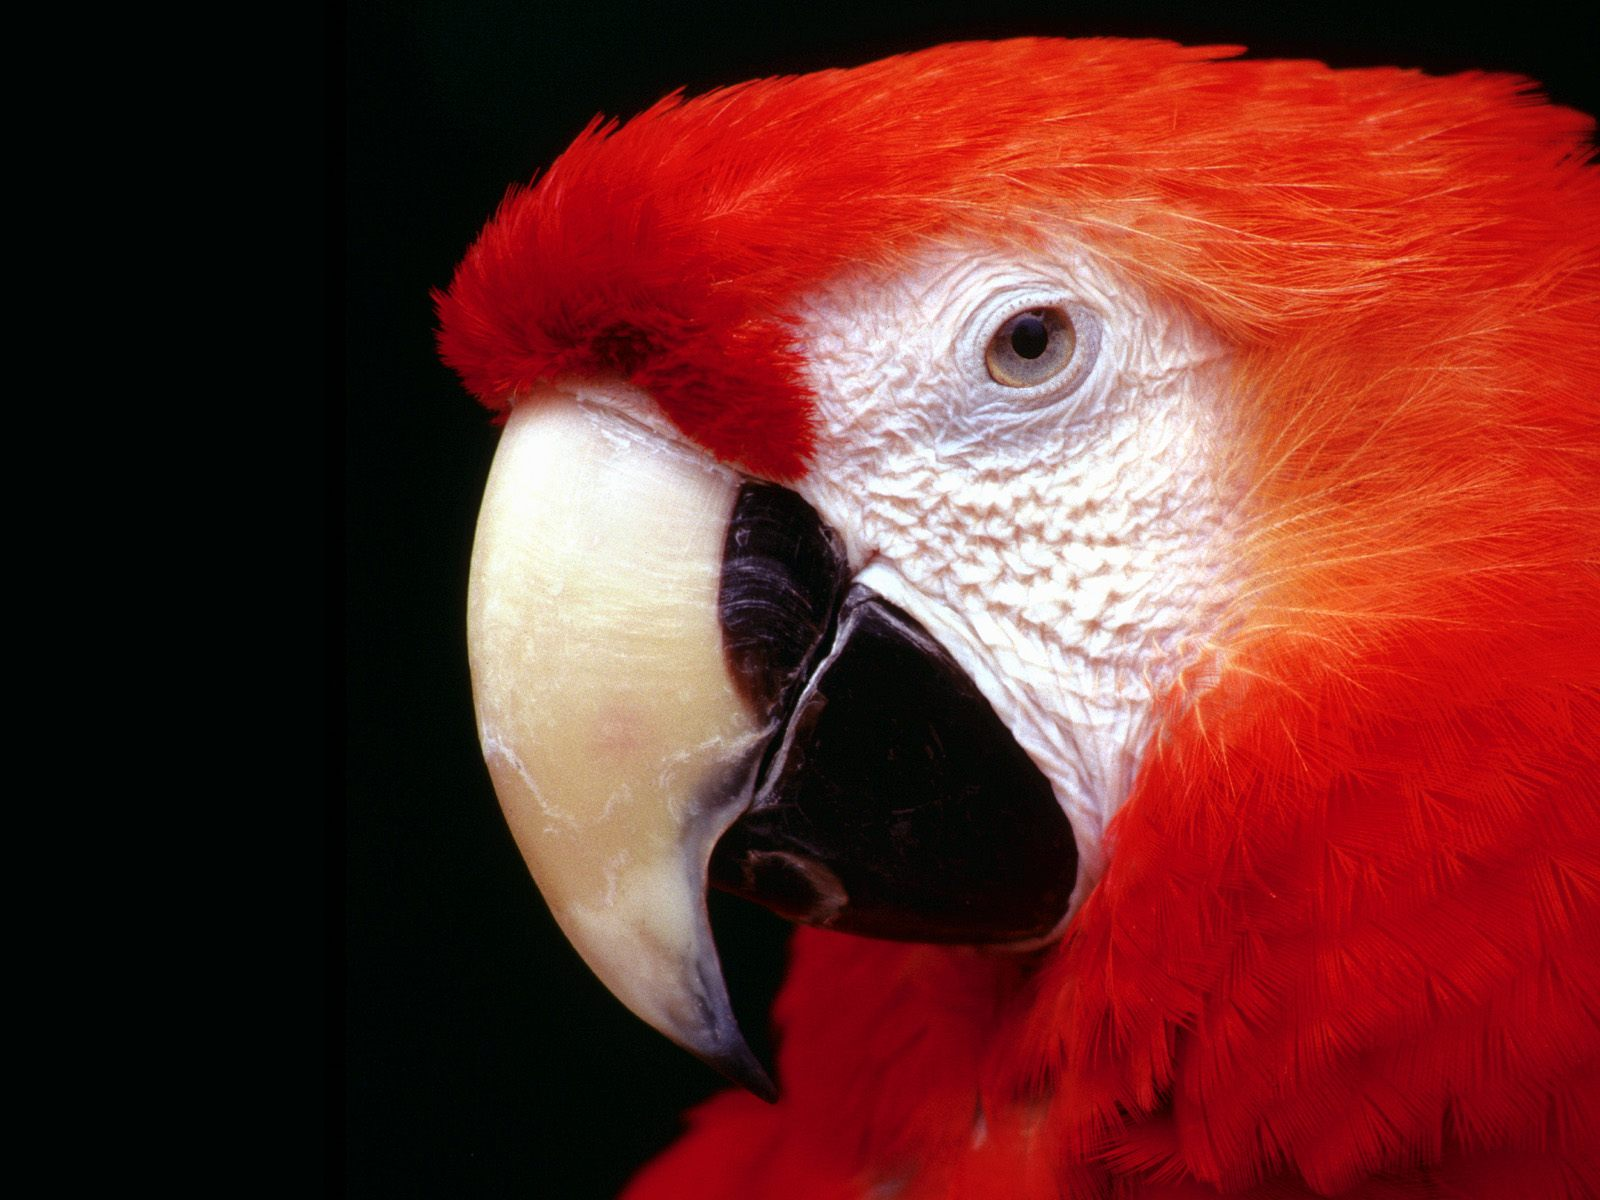 красноголовый попугай, скачать фото, обои для рабочего стола